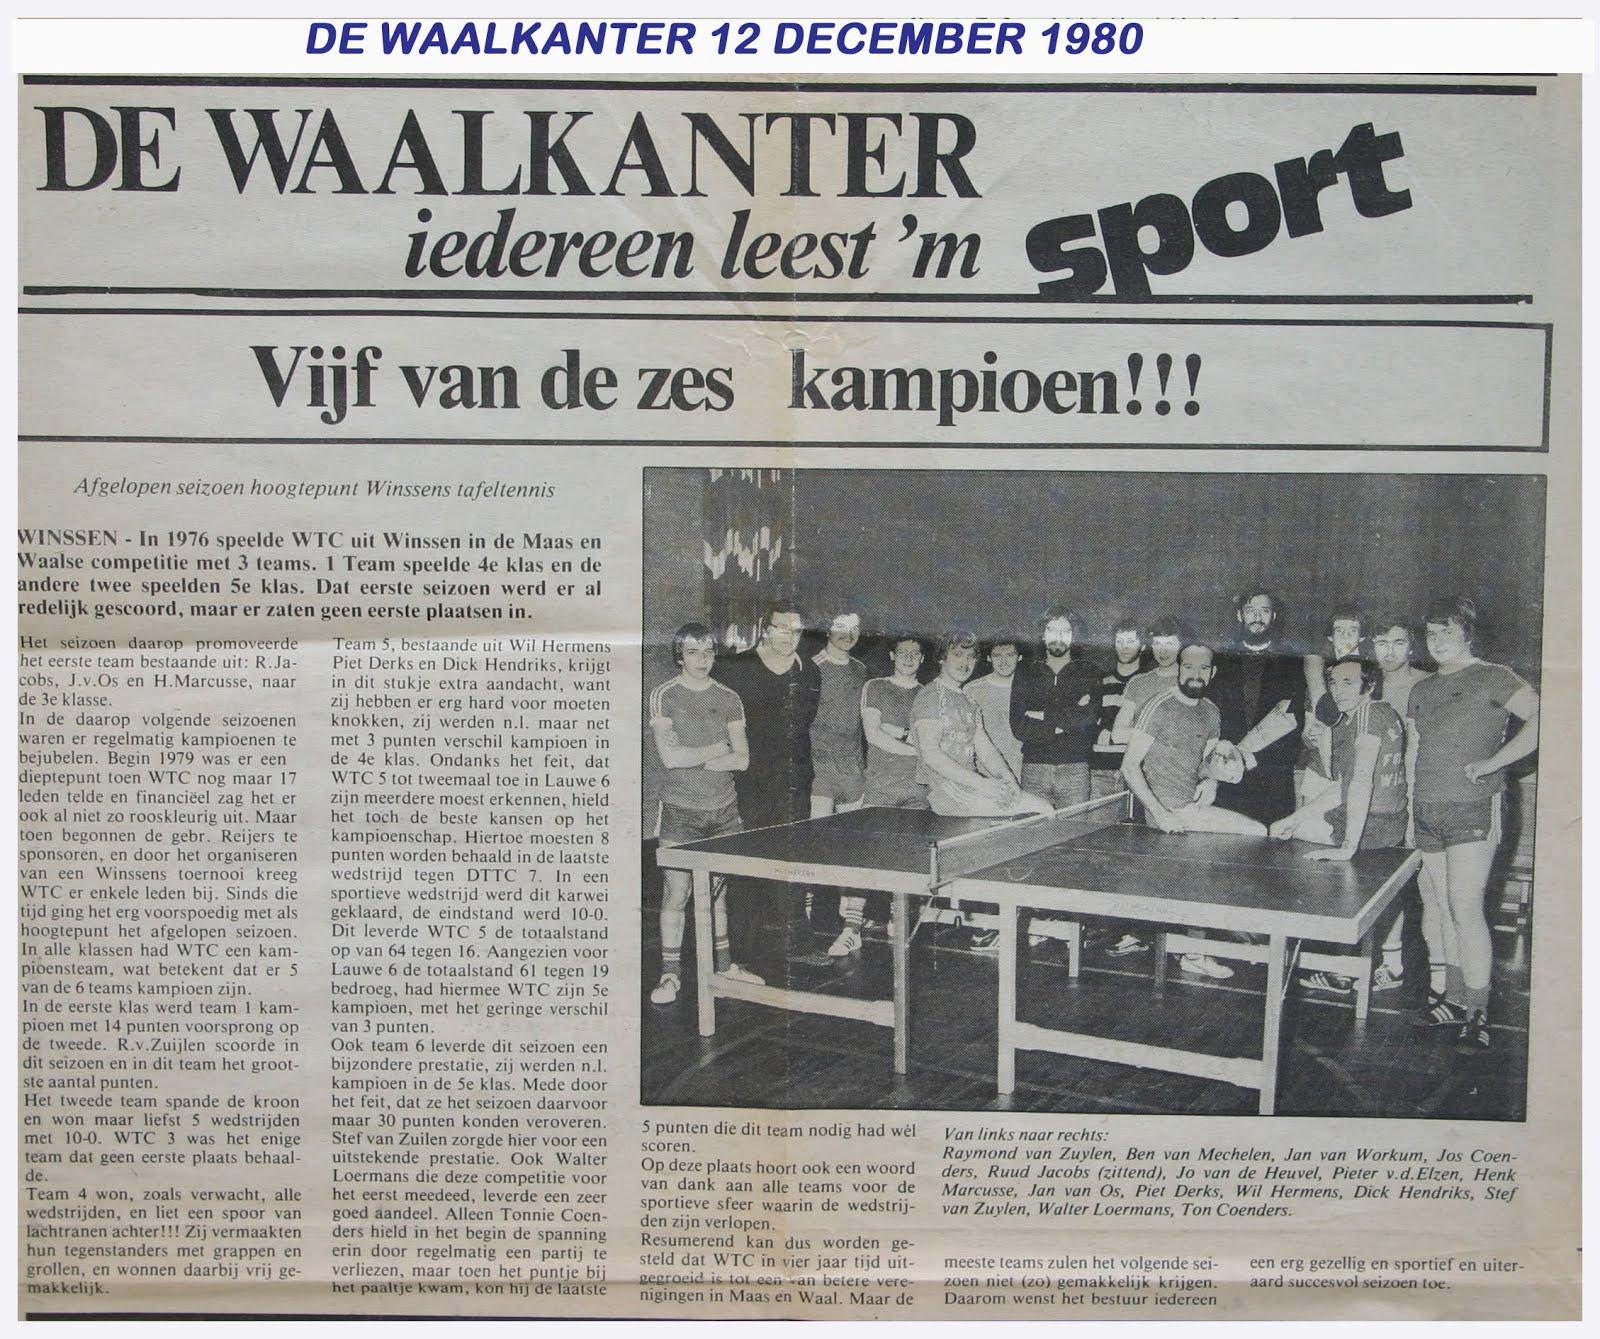 Vijf van de zes kampioen (1980)!